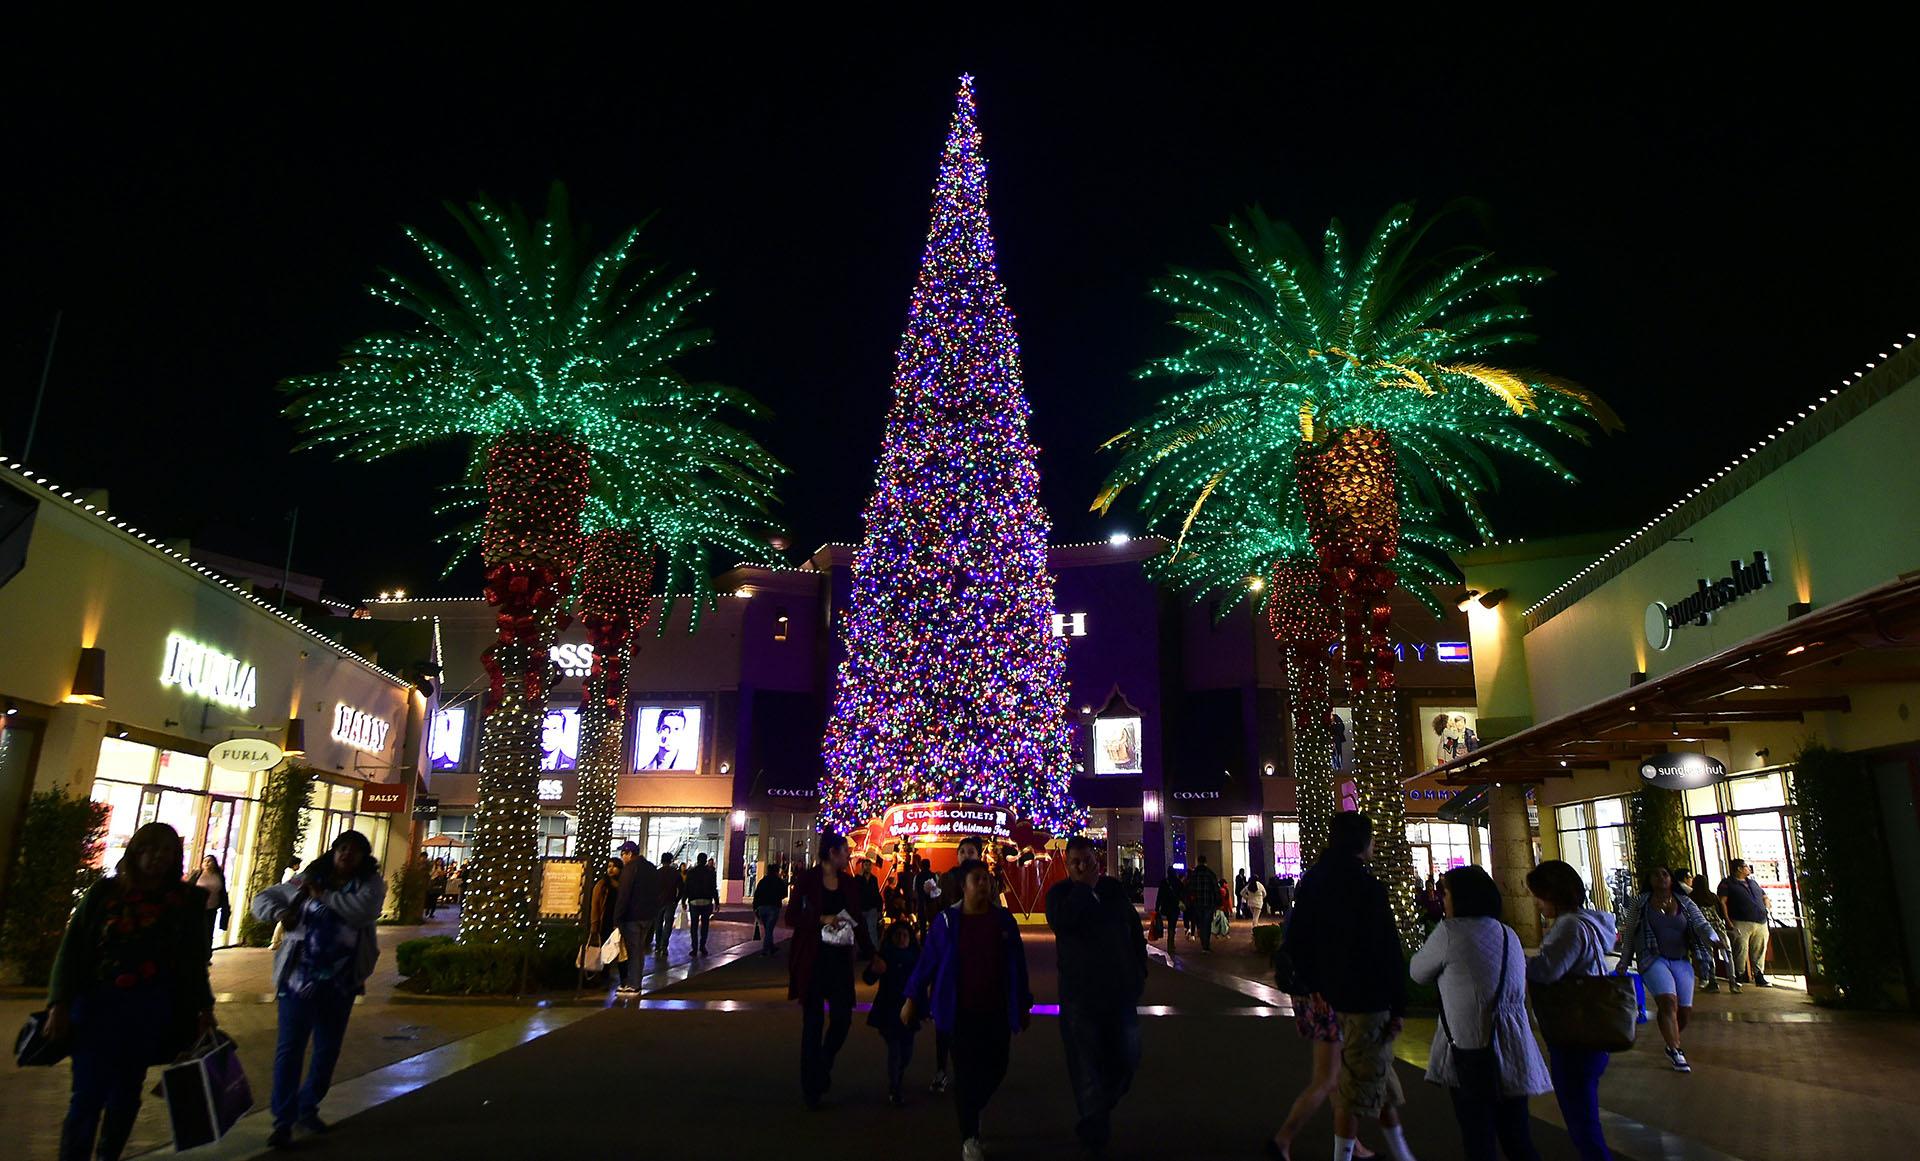 Un centro comercial de California (Photo by Frederic J. BROWN / AFP)